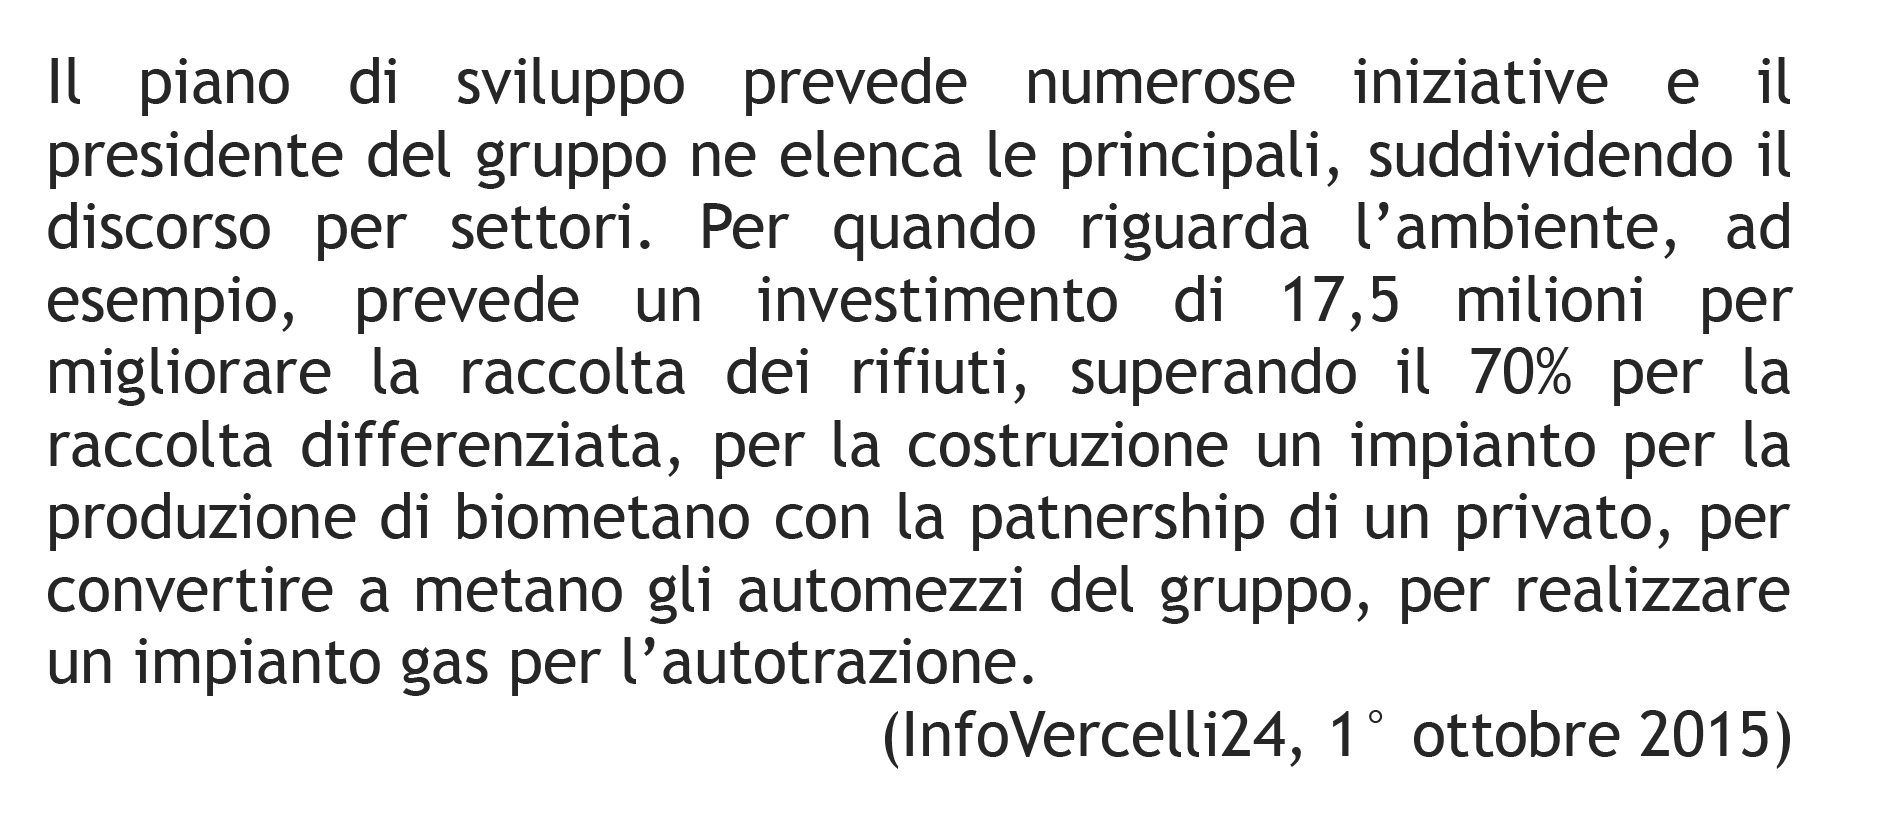 3 infovercelli24